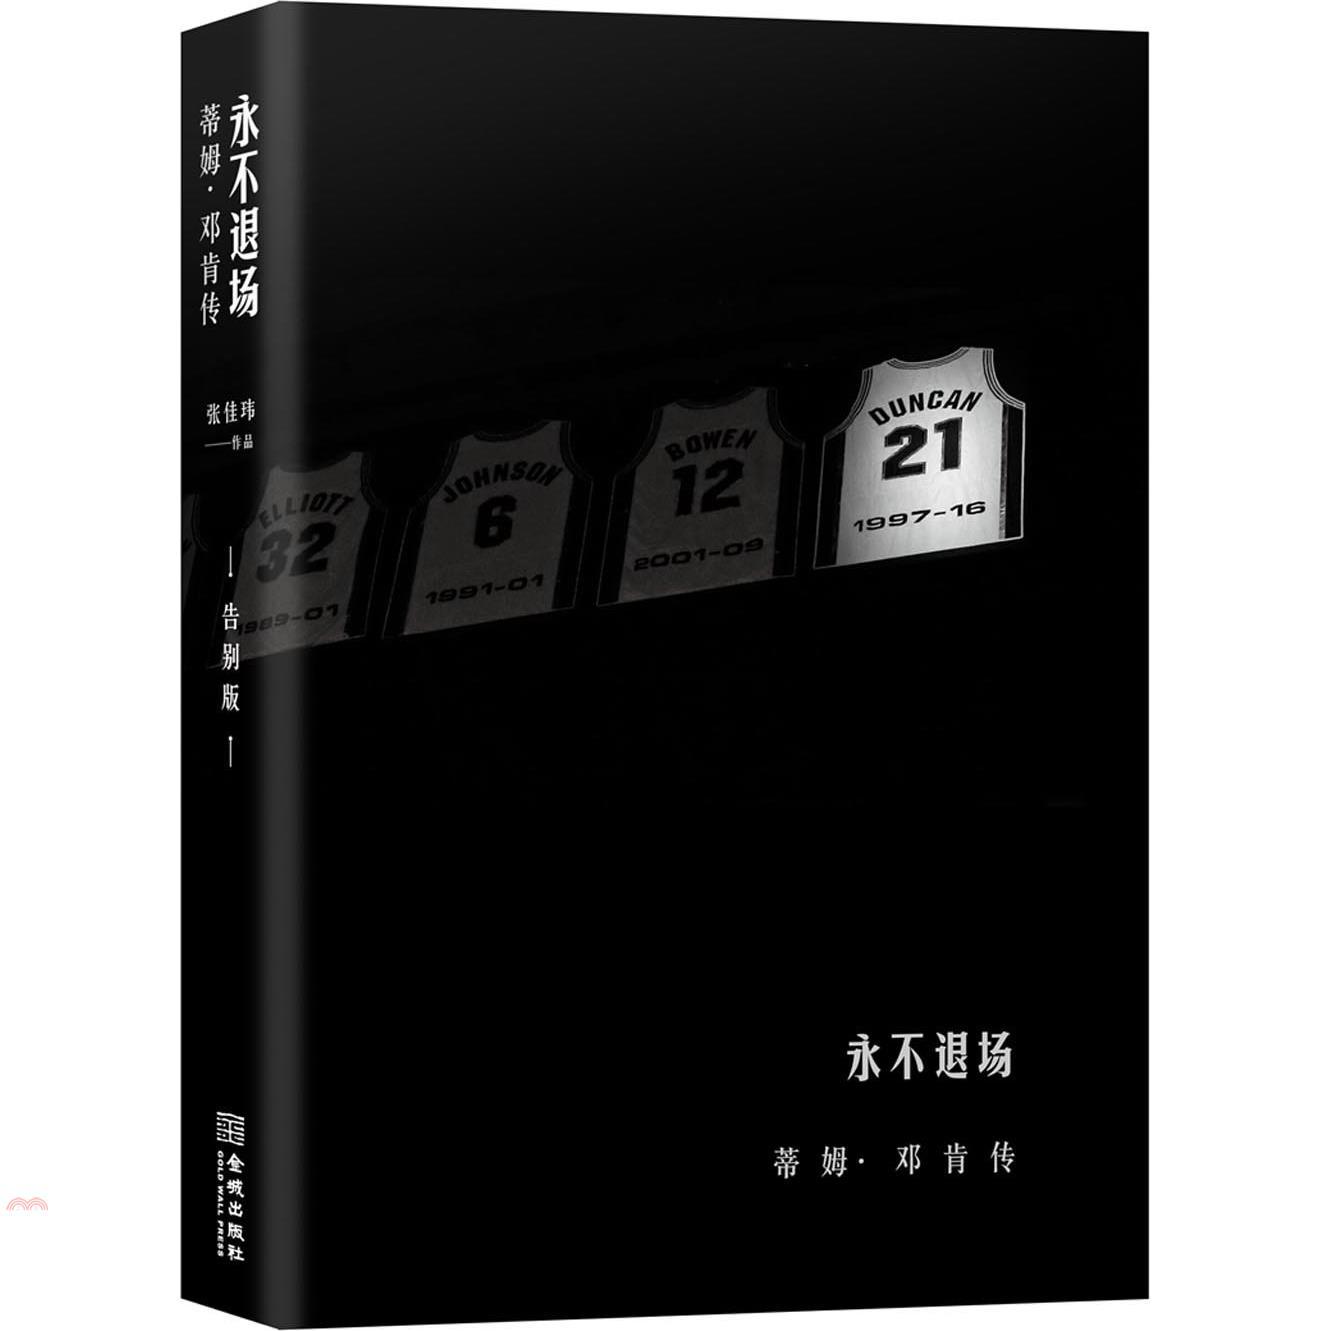 書名:永不退場:蒂姆.鄧肯傳(告別版)(簡體書)定價:359元ISBN13:9787515512136出版社:金城出版社作者:張佳瑋裝訂/頁數:平裝/320版次:一版規格:23.5cm*16.8cm